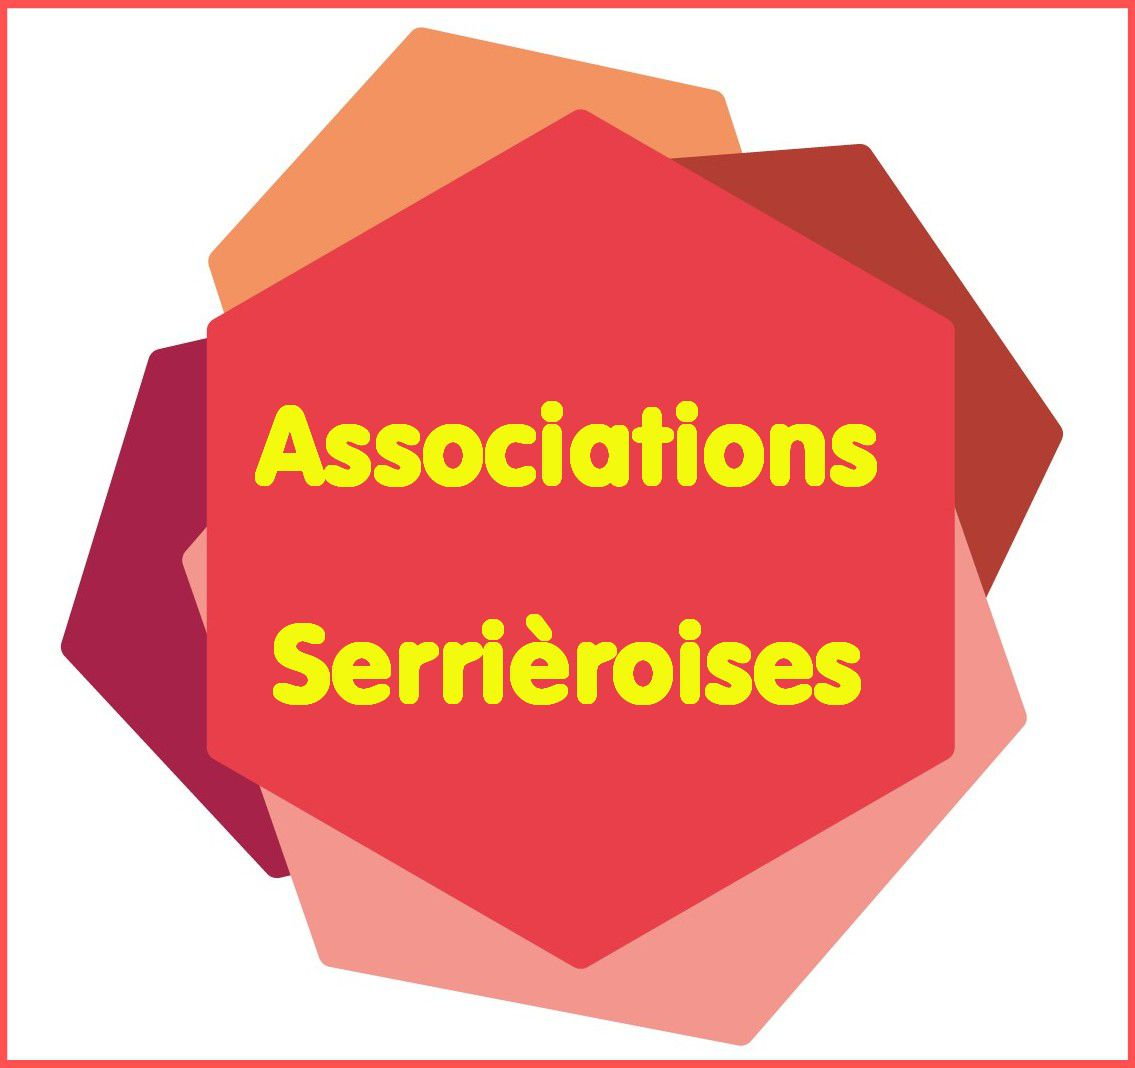 Les Associations dont le siège social est à Serrières